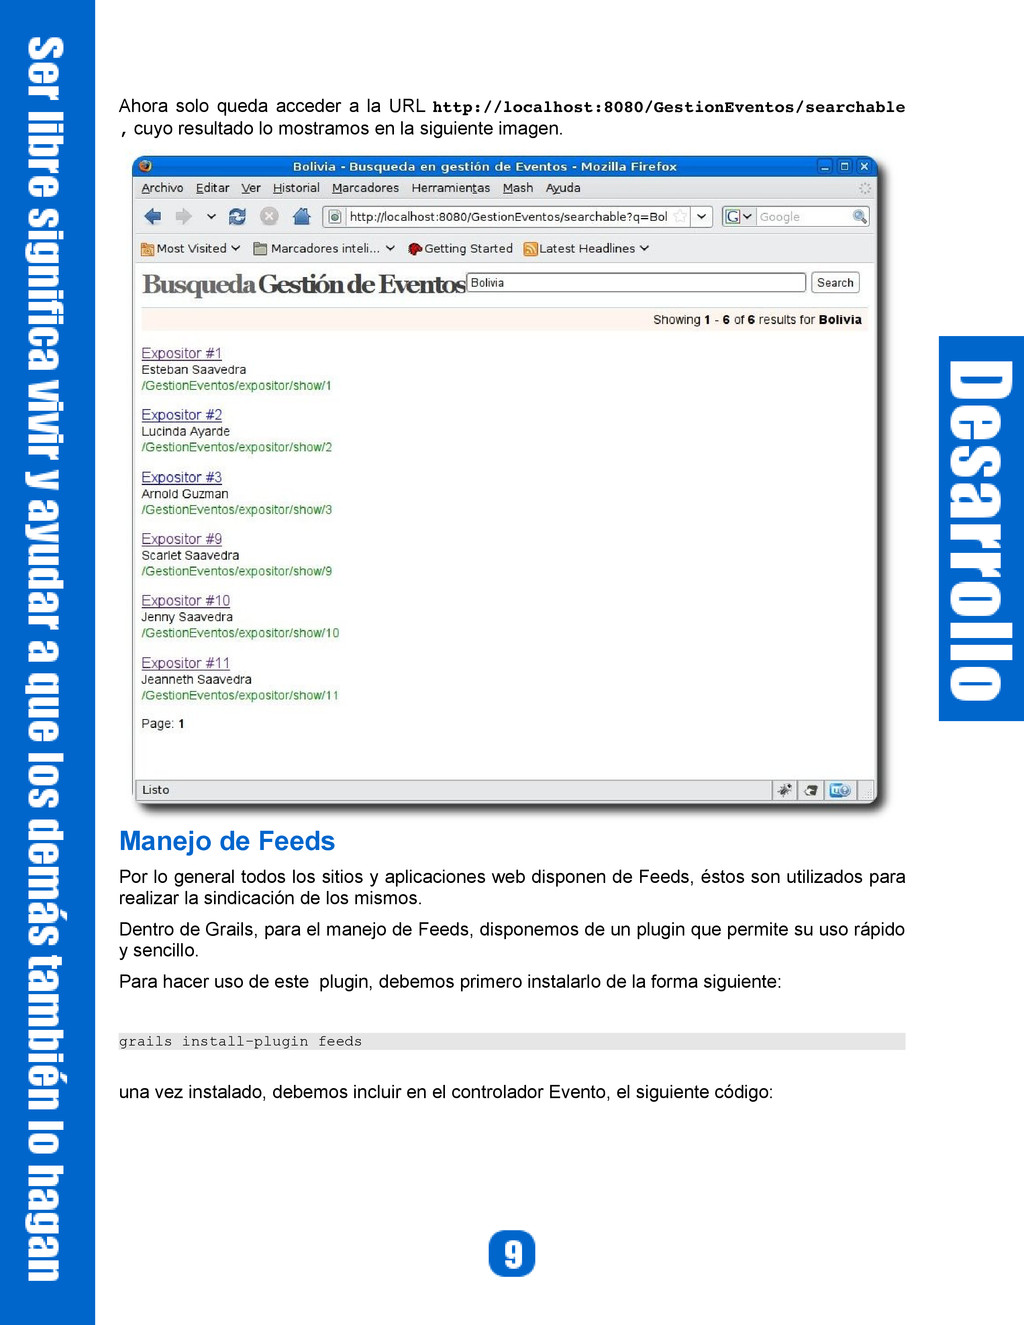 Ahora solo queda acceder a la URL http://localh...